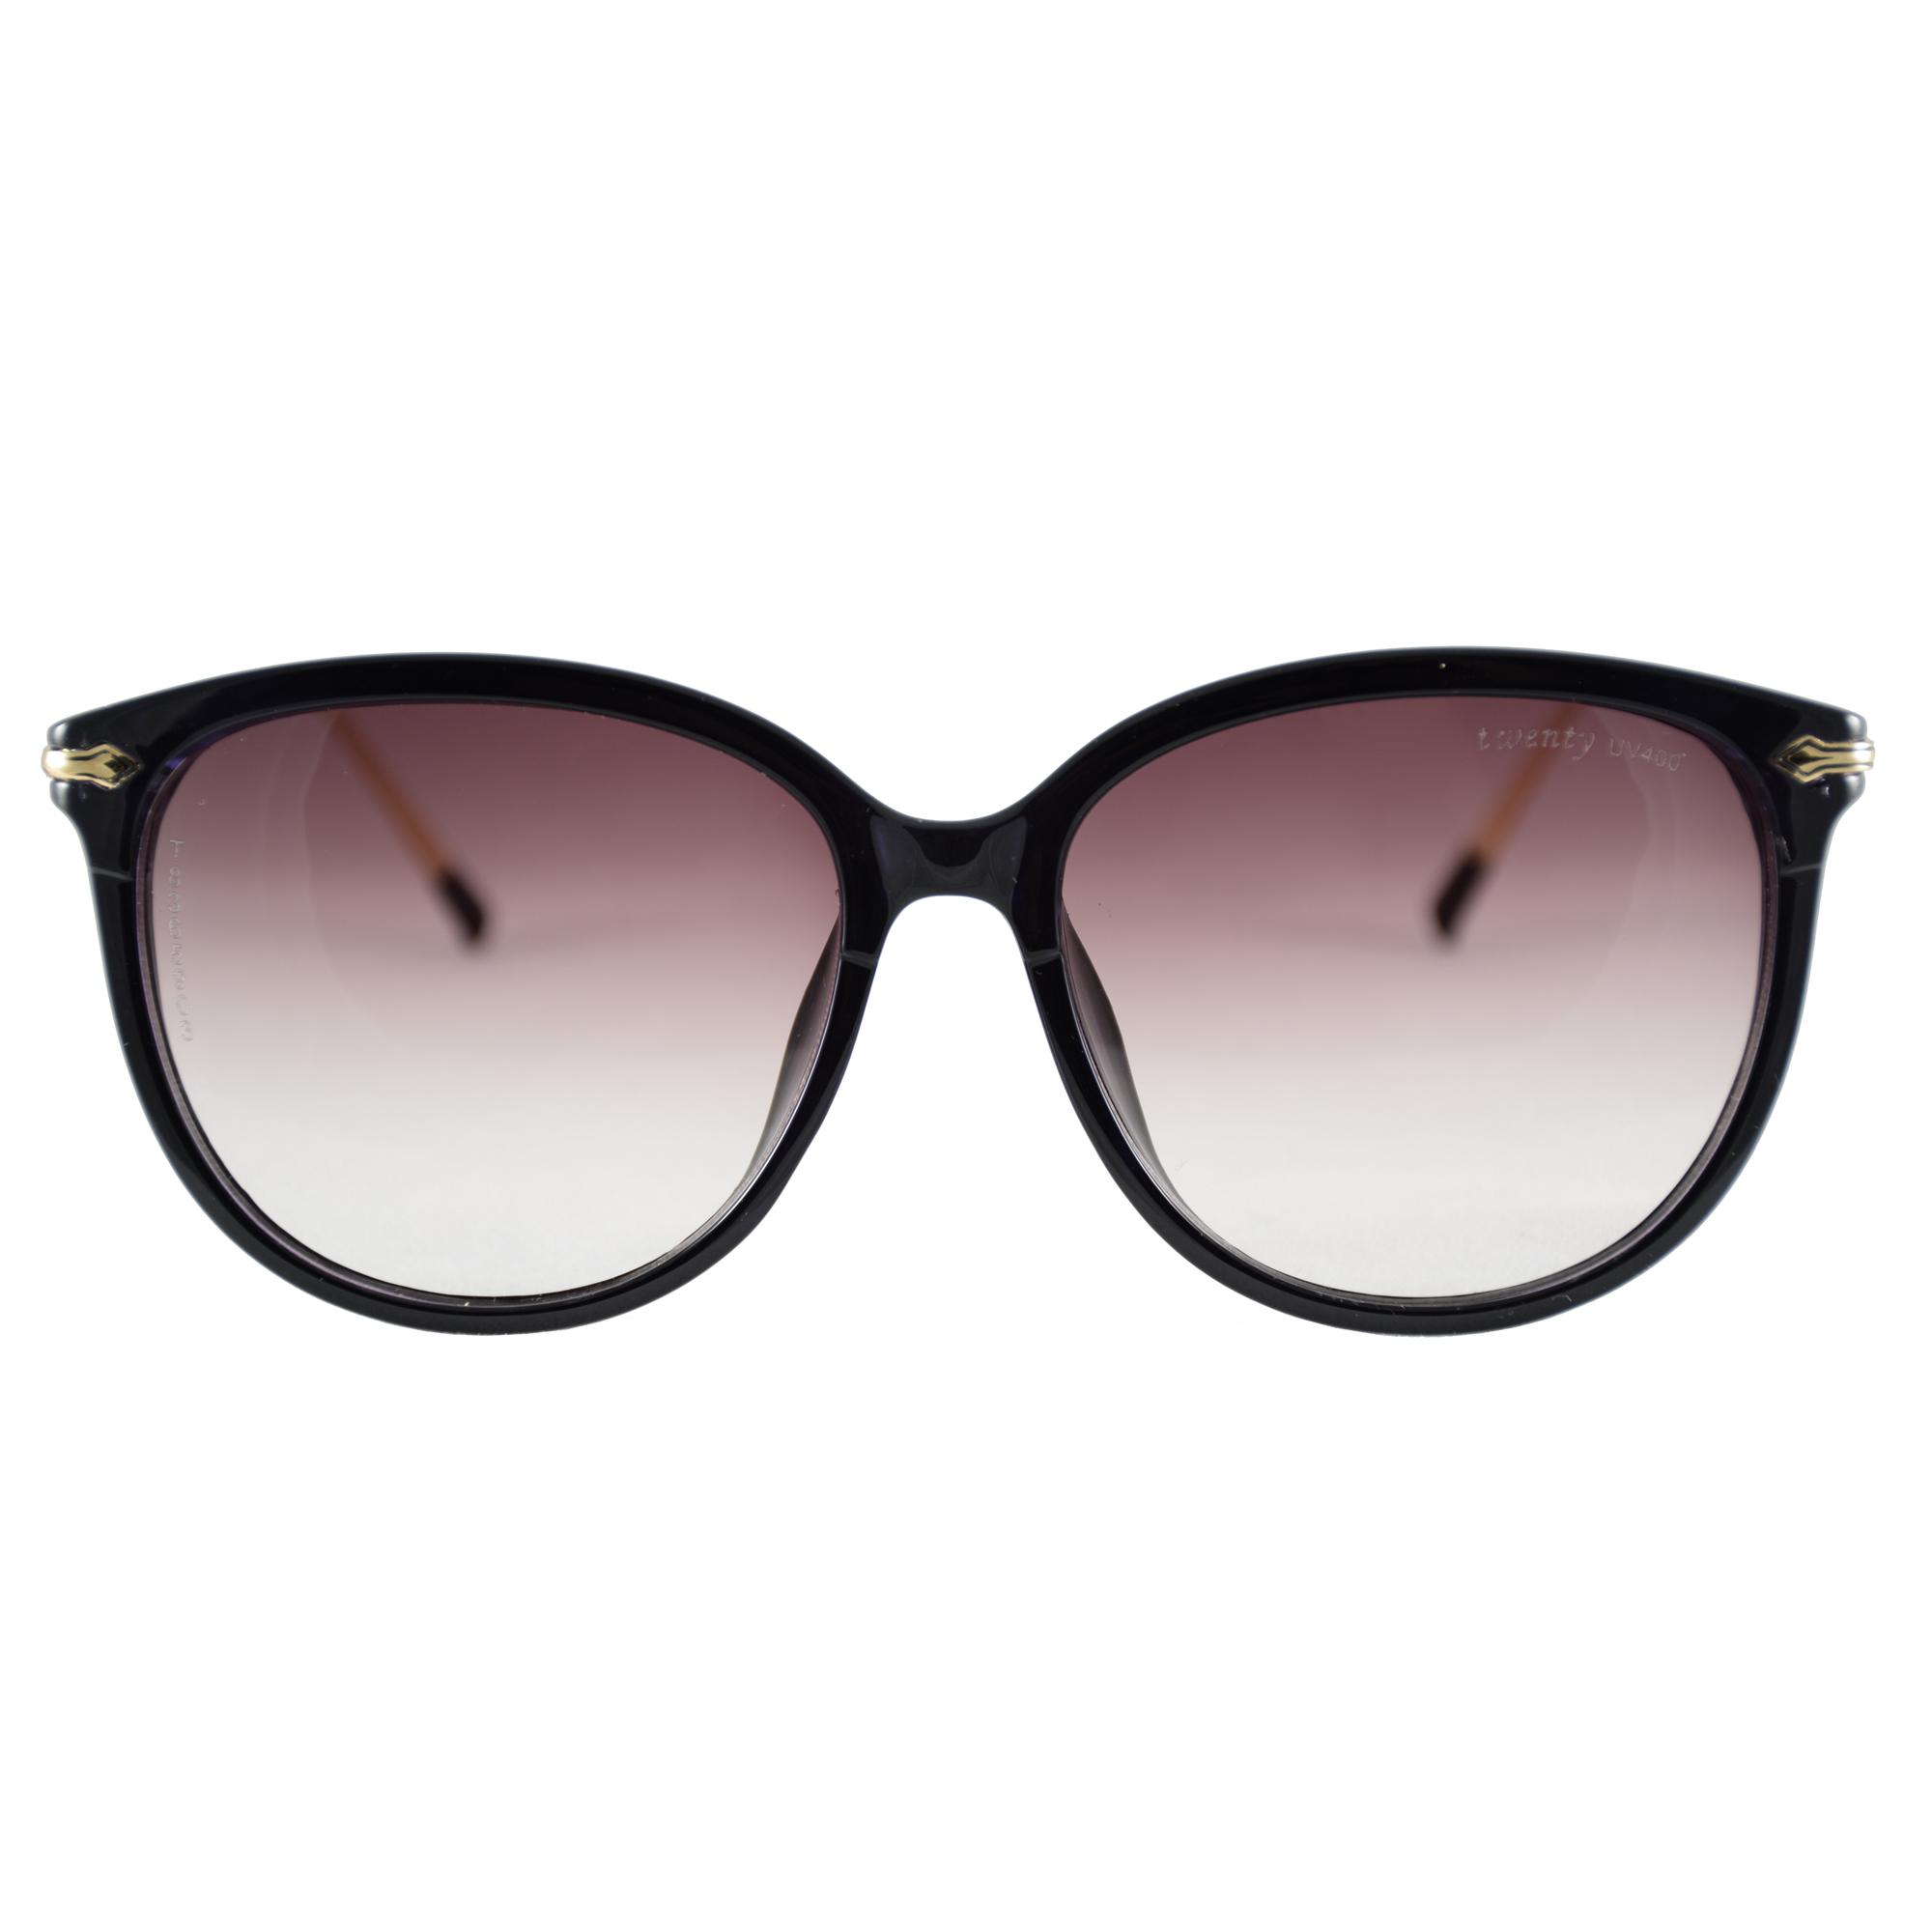 عینک آفتابی زنانه توئنتی مدل I3-L80-014-S283-D53